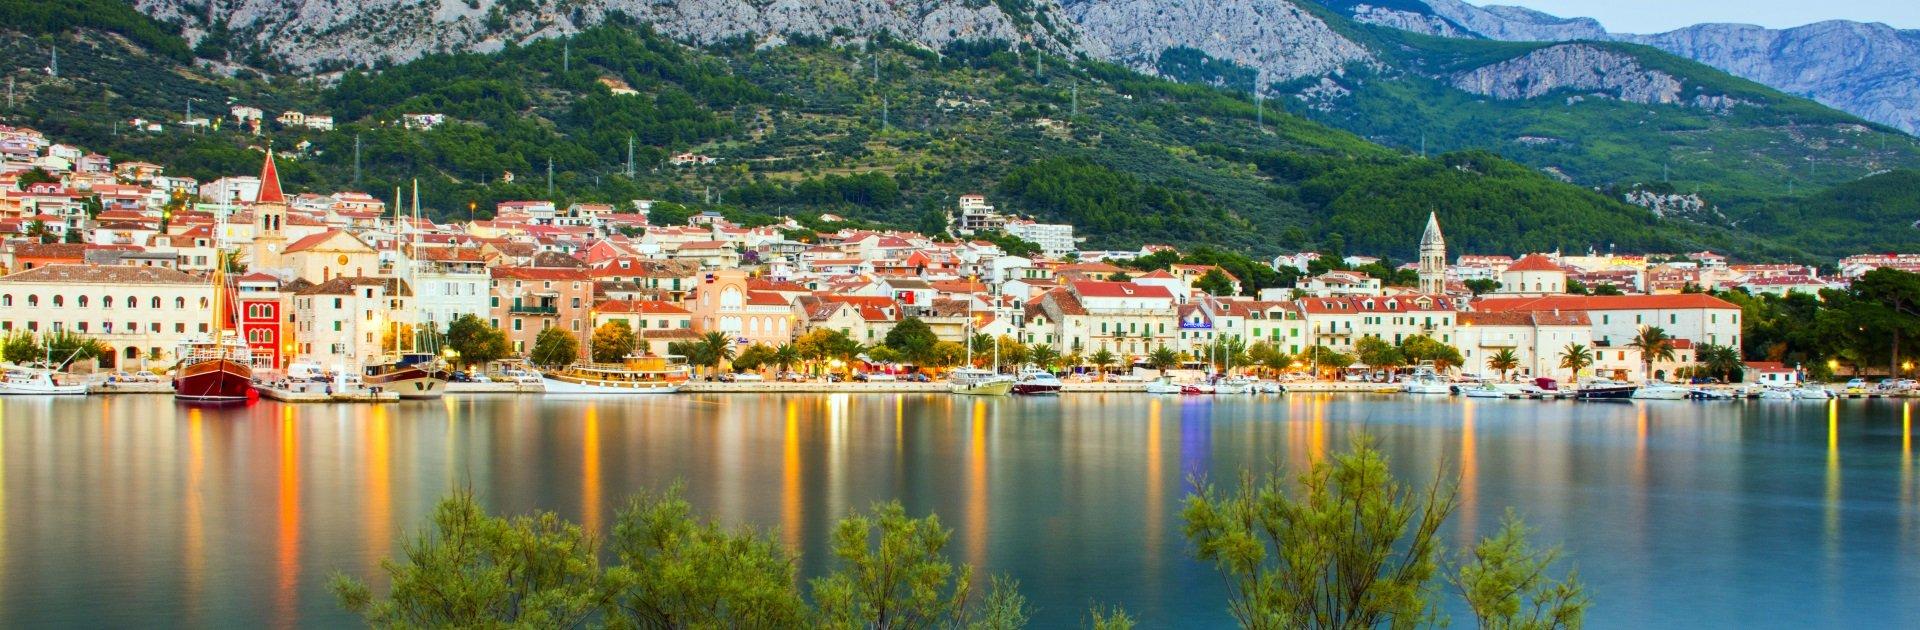 Ferienunterkünfte in Kroatien